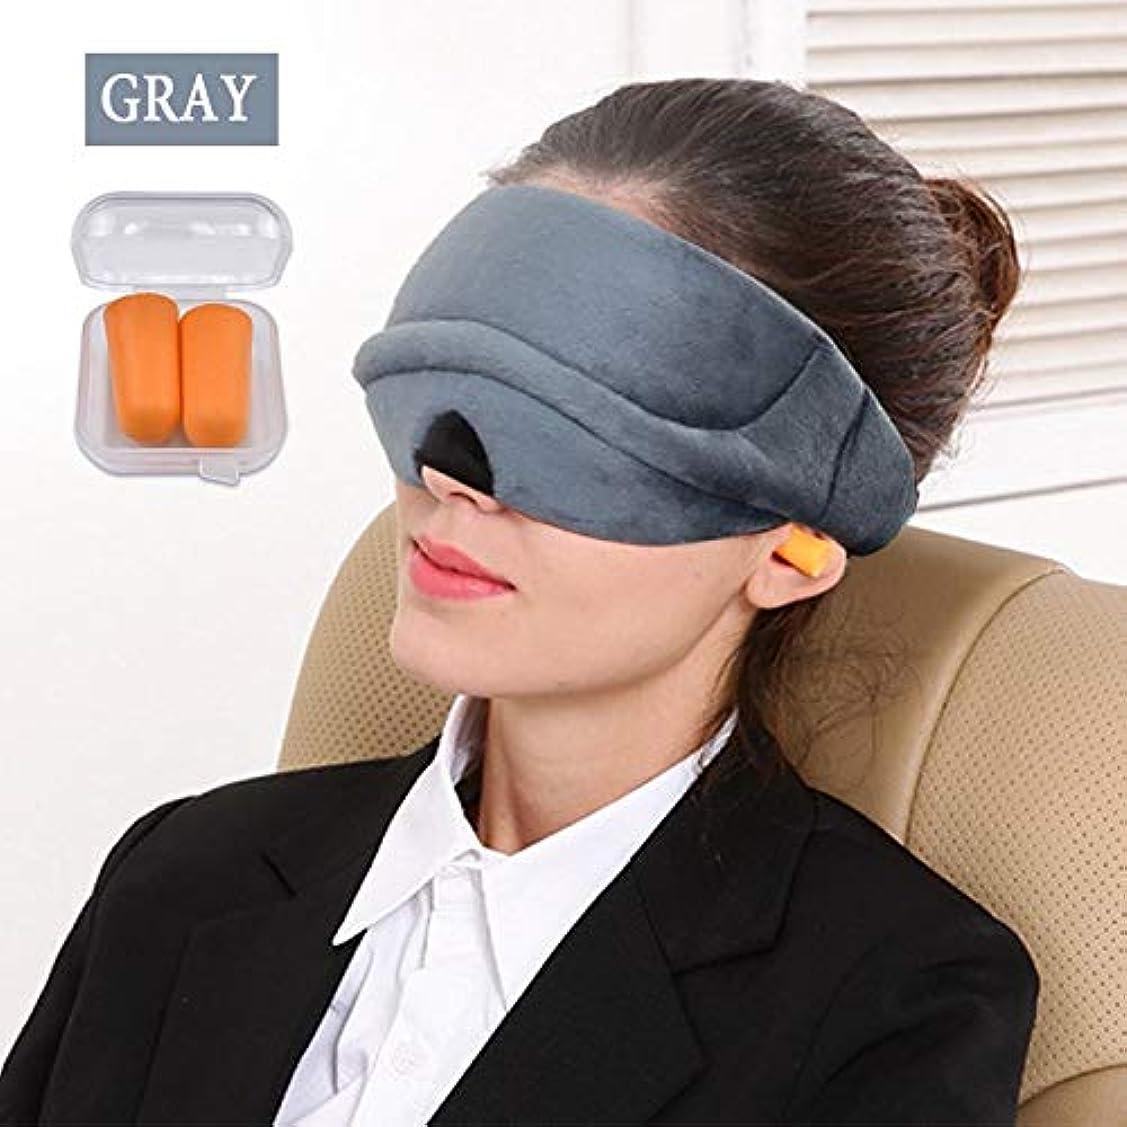 ピンチ追加ブースNOTE 3d睡眠マスク睡眠補助アイマスクアイシェードカバーアイパッチ旅行の残りの部分通気性のベルベット生地目隠し包帯アイパッチ